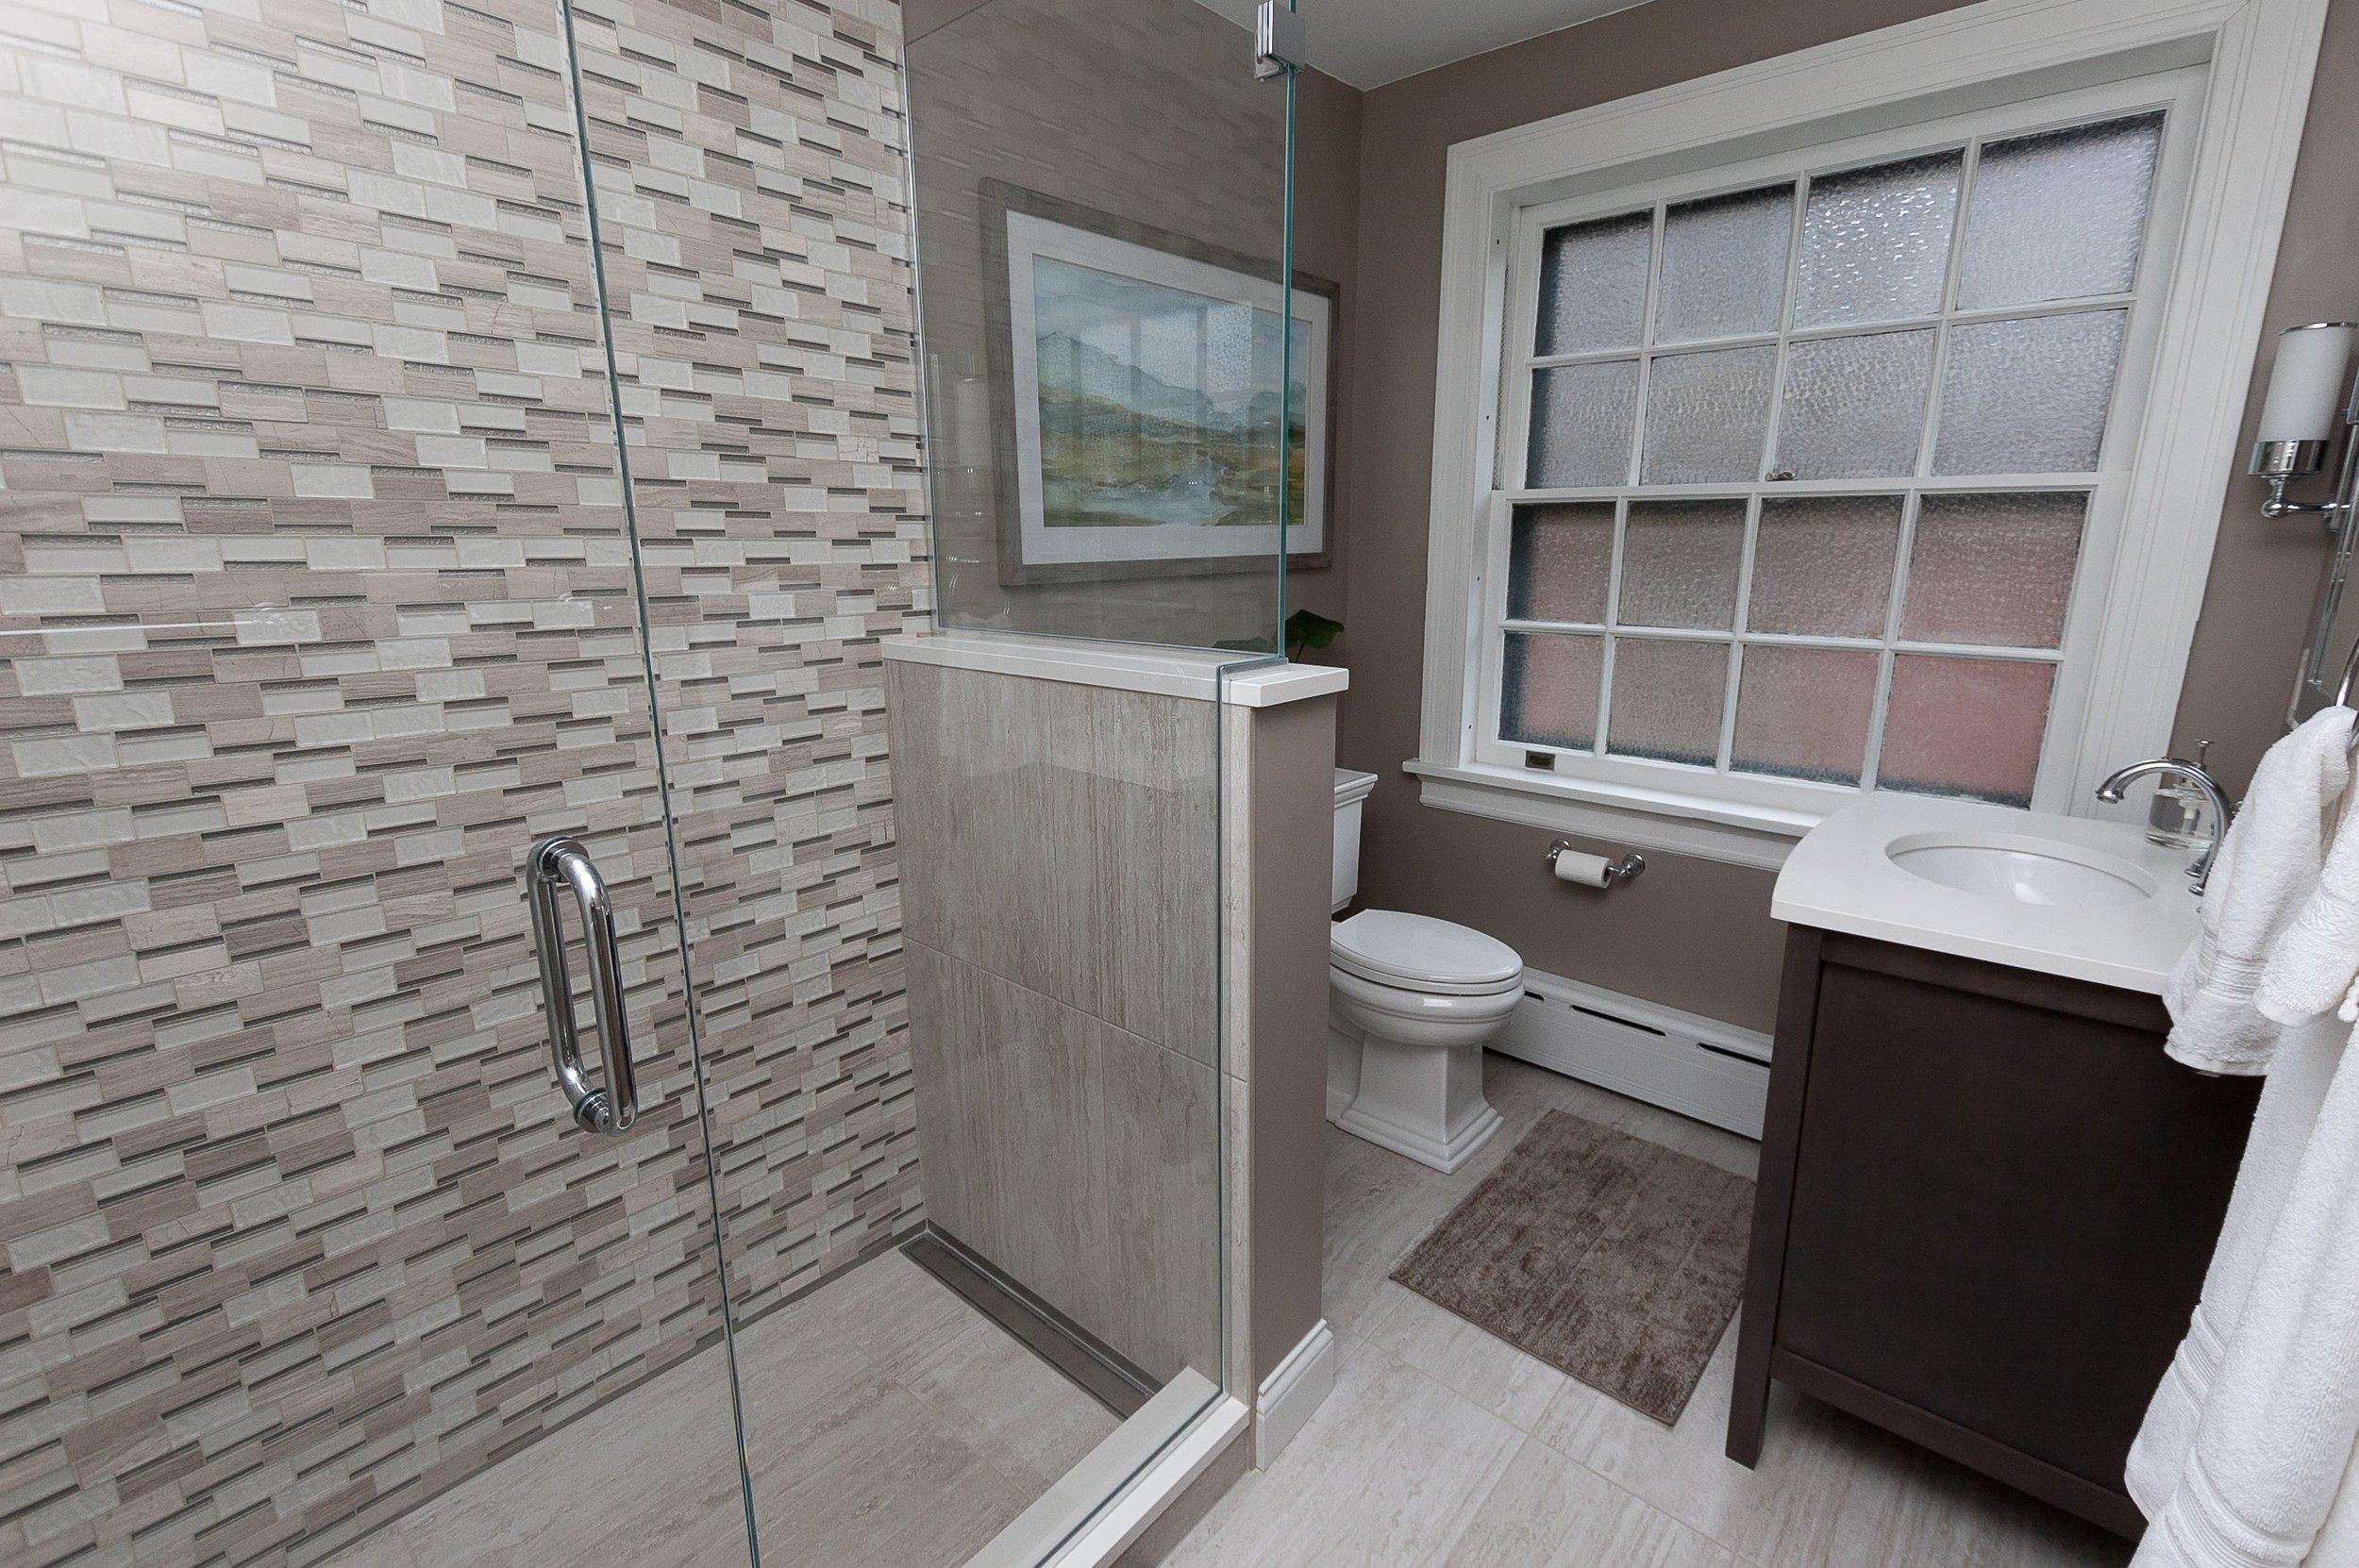 toilet and drain at angle.jpg